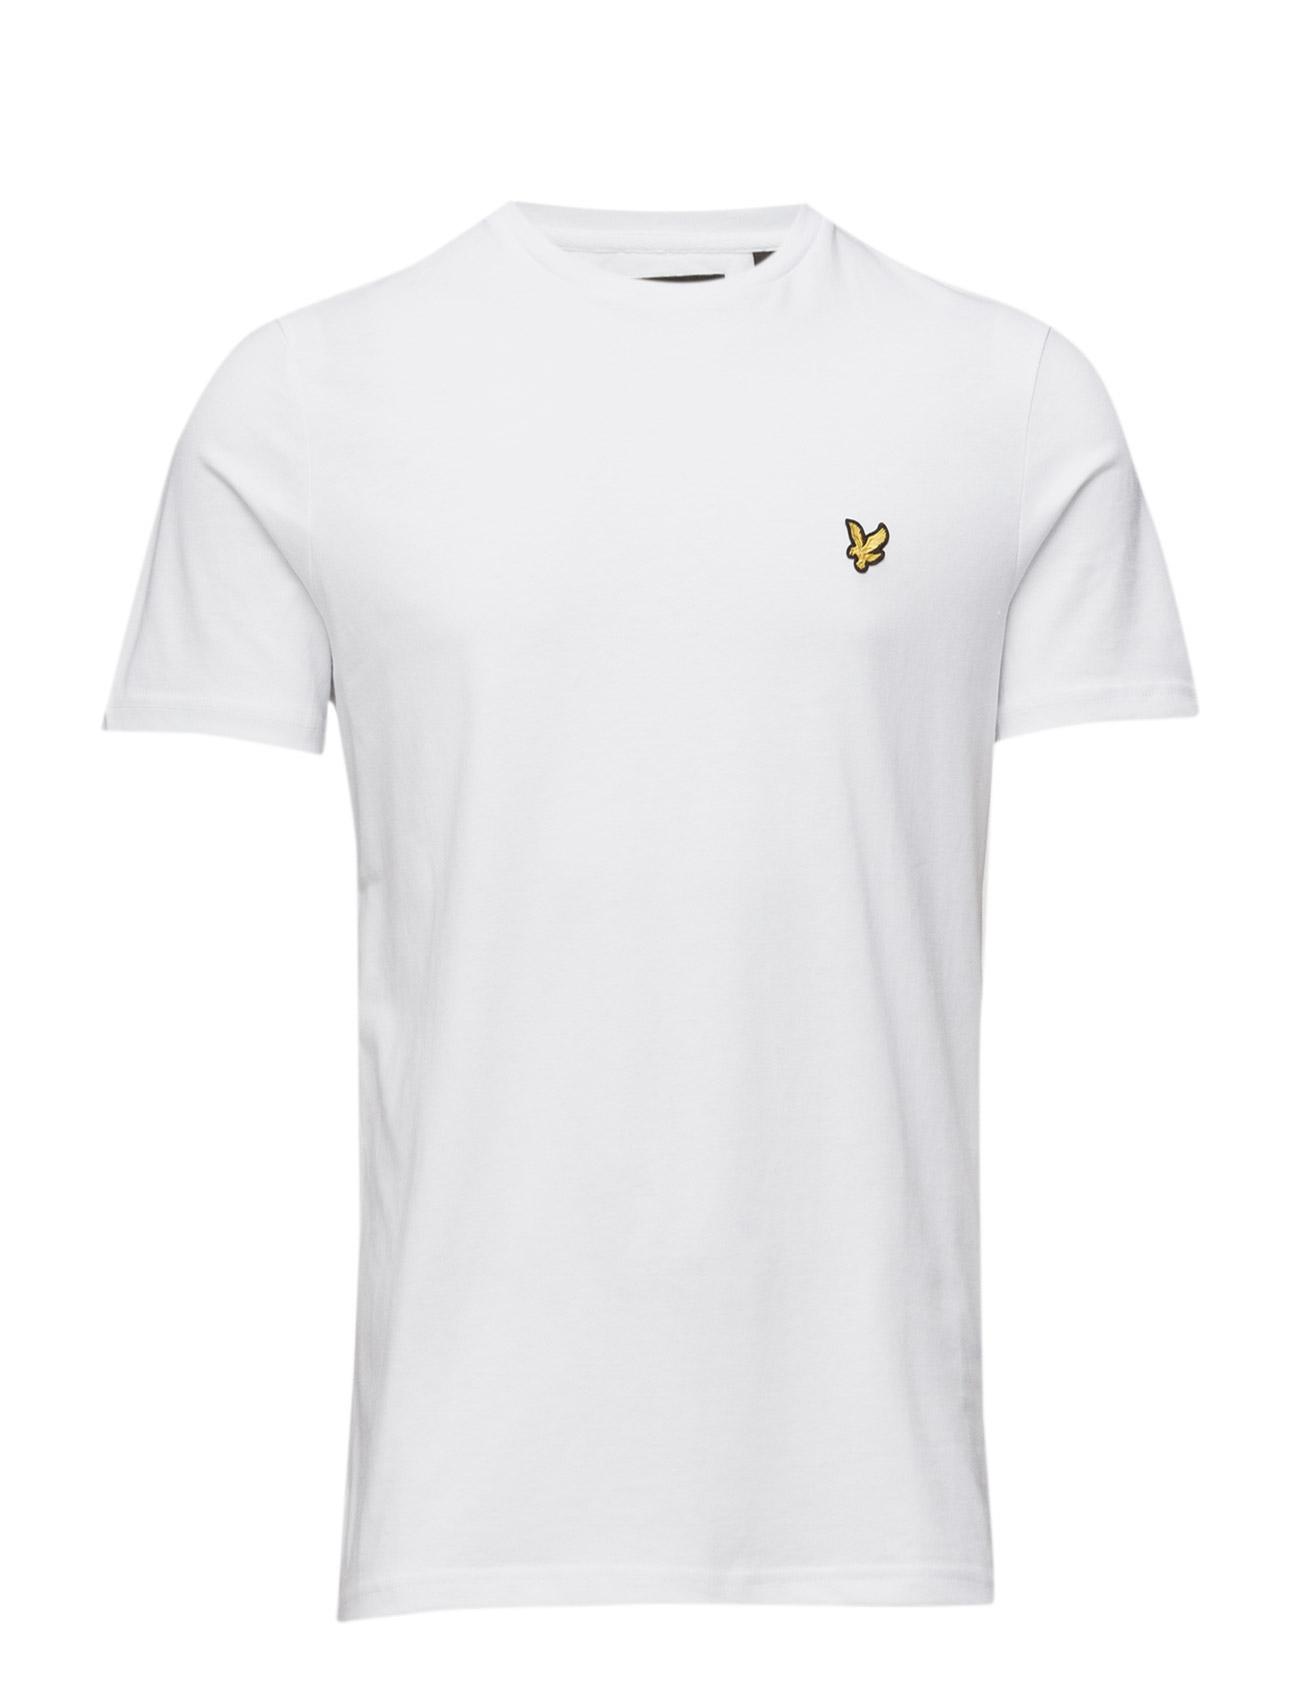 T-Shirt Lyle & Scott Kortærmede til Herrer i hvid